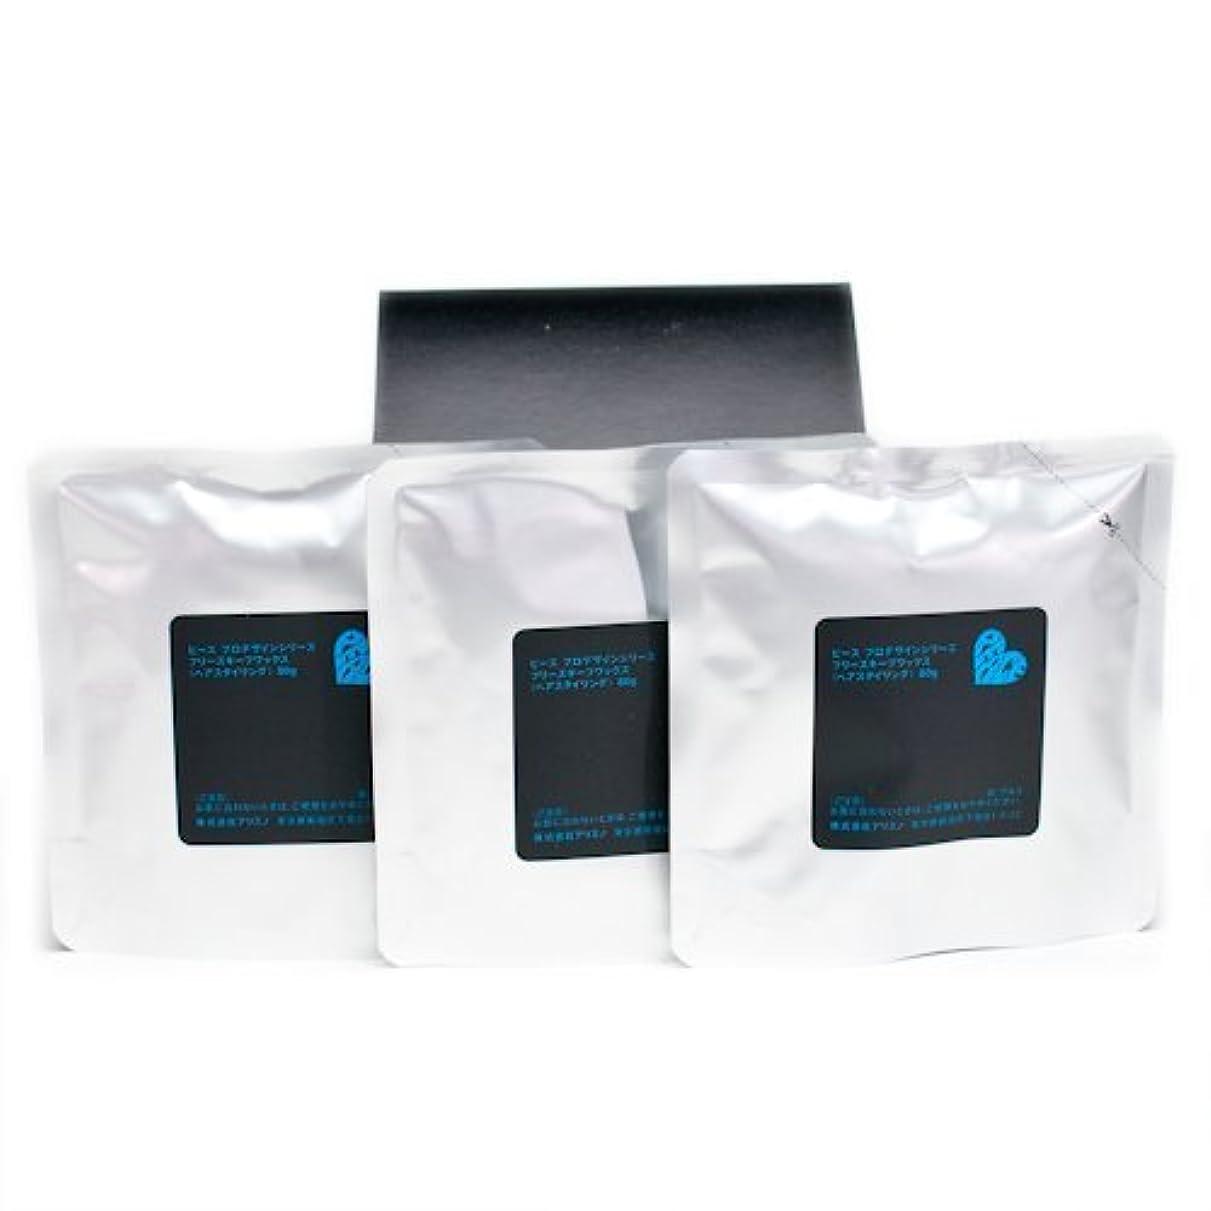 子孫コックコーナーアリミノ ピース フリーズキープワックス (ブラック)80g(業務?詰替用)×3個入り